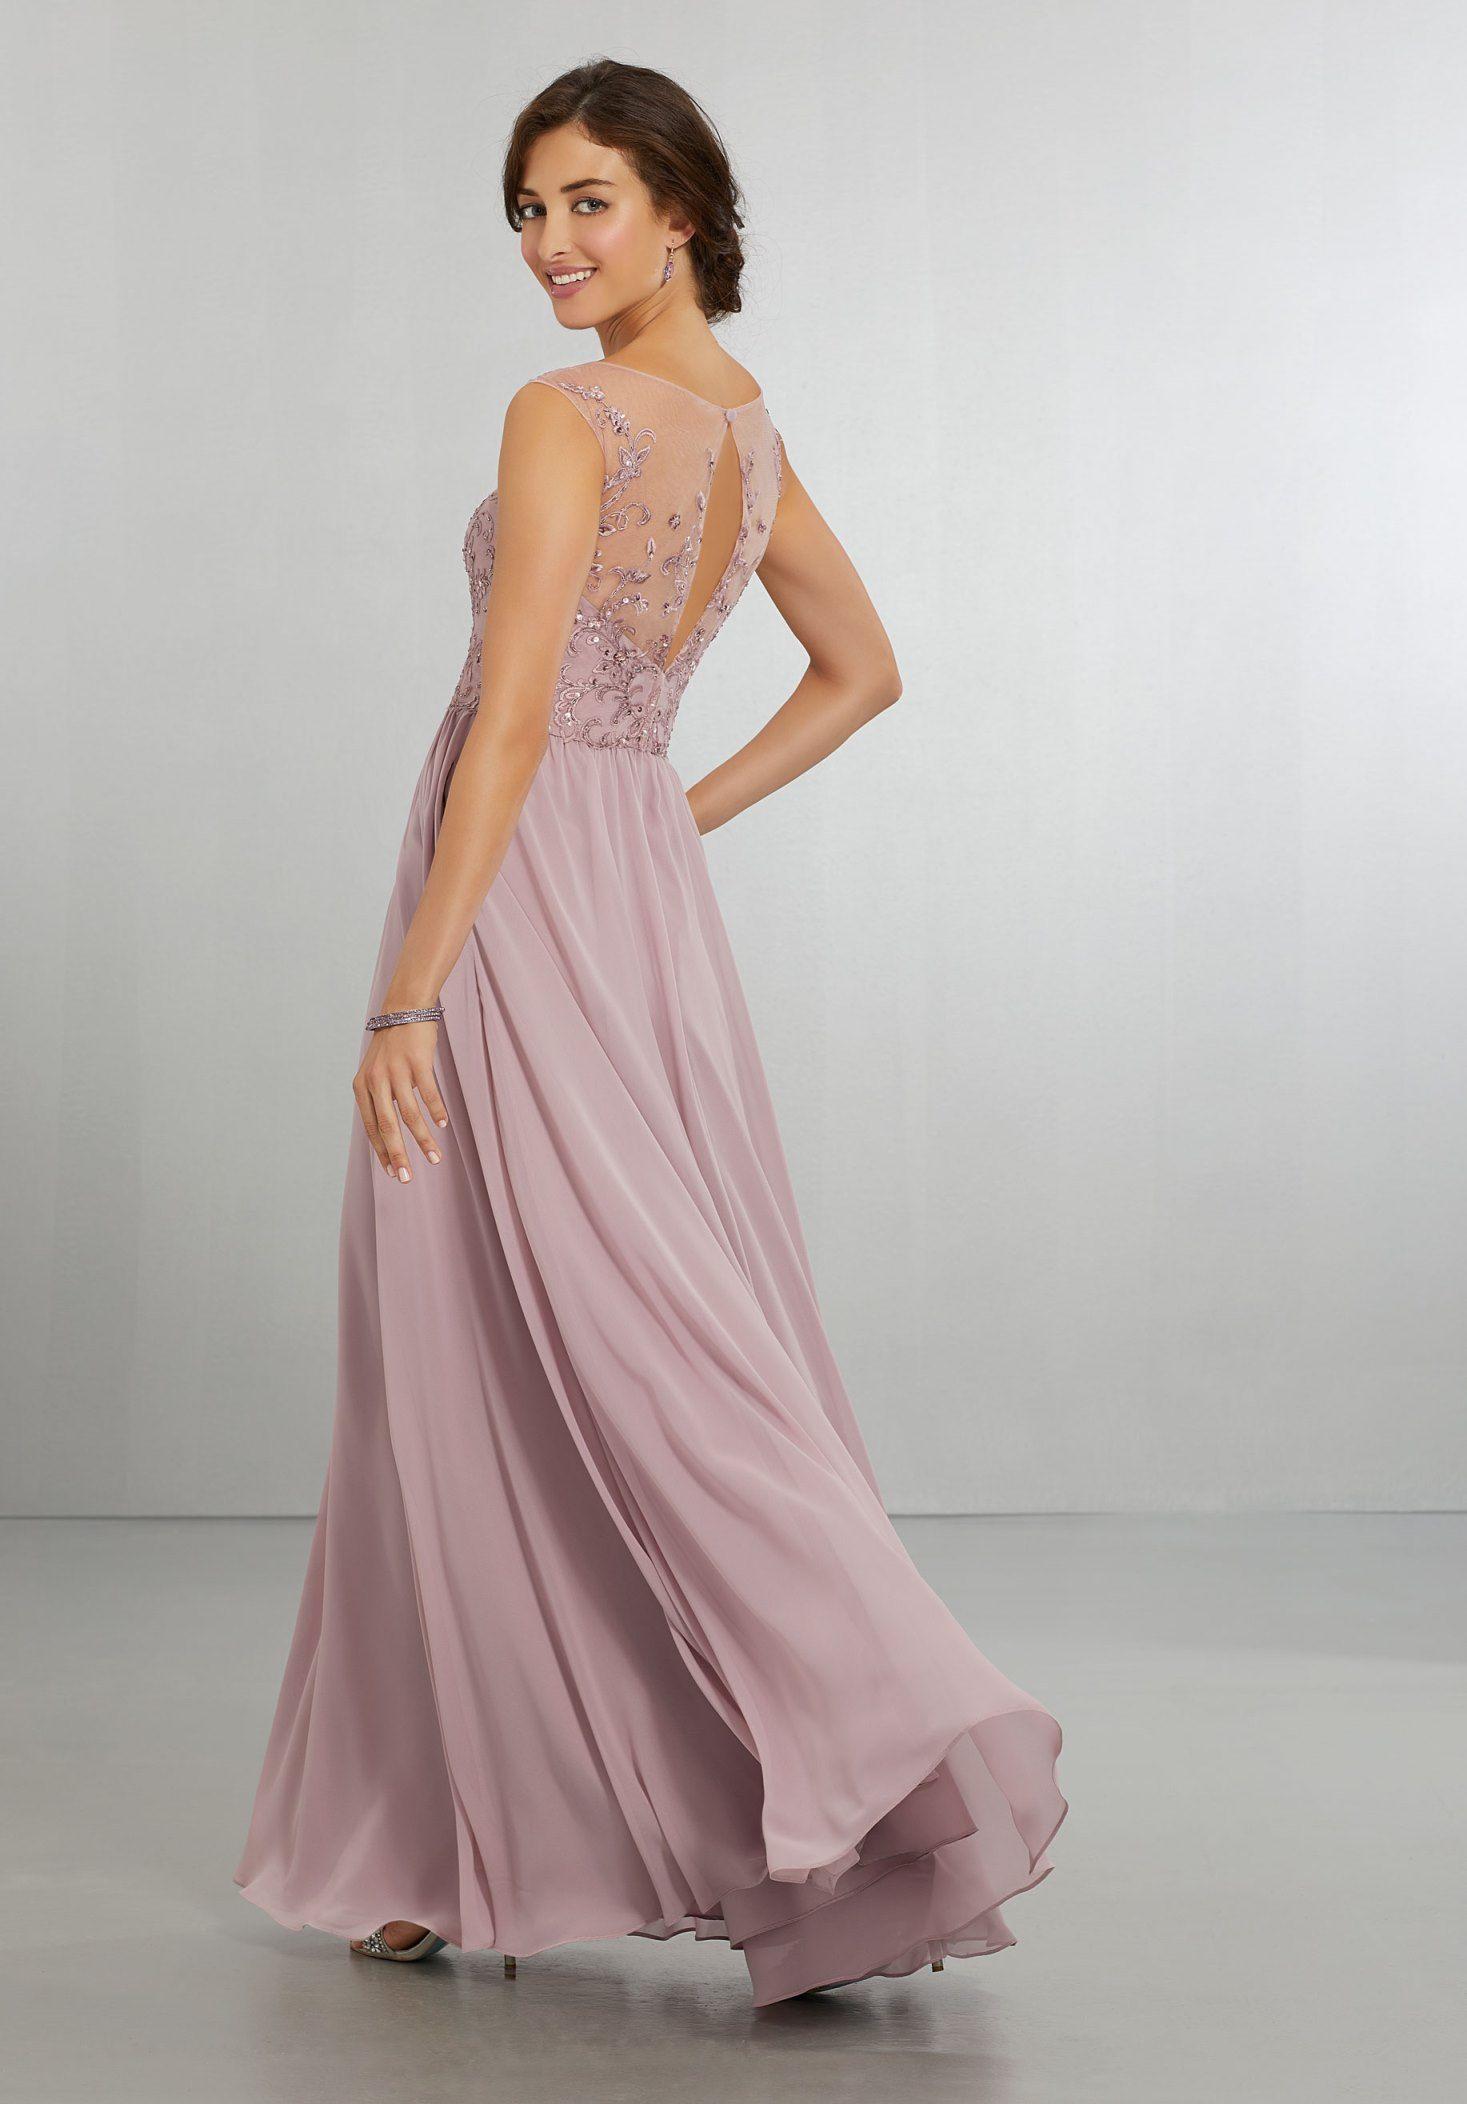 Gemütlich Brautjunferkleid Des Shops Sydney Ideen - Brautkleider ...